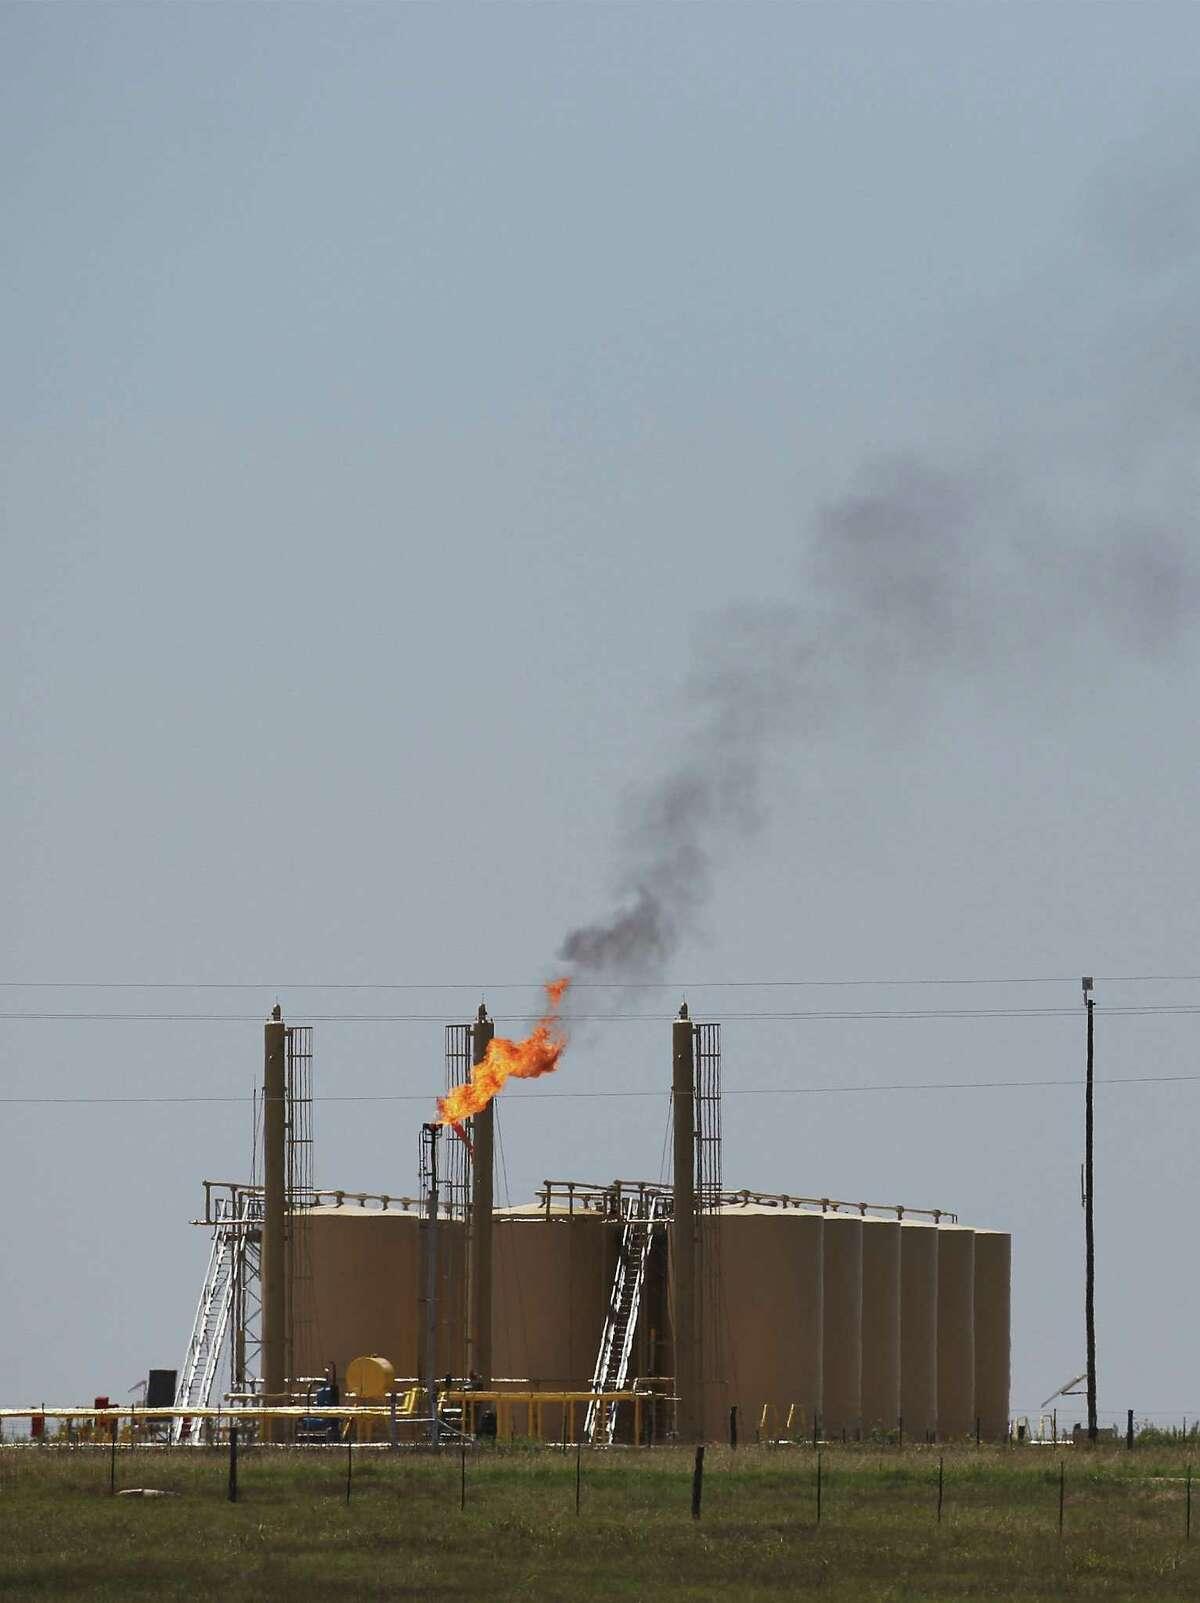 A flare burns on FM 81 near Karnes City, Texas on Thursday, May 15, 2014.